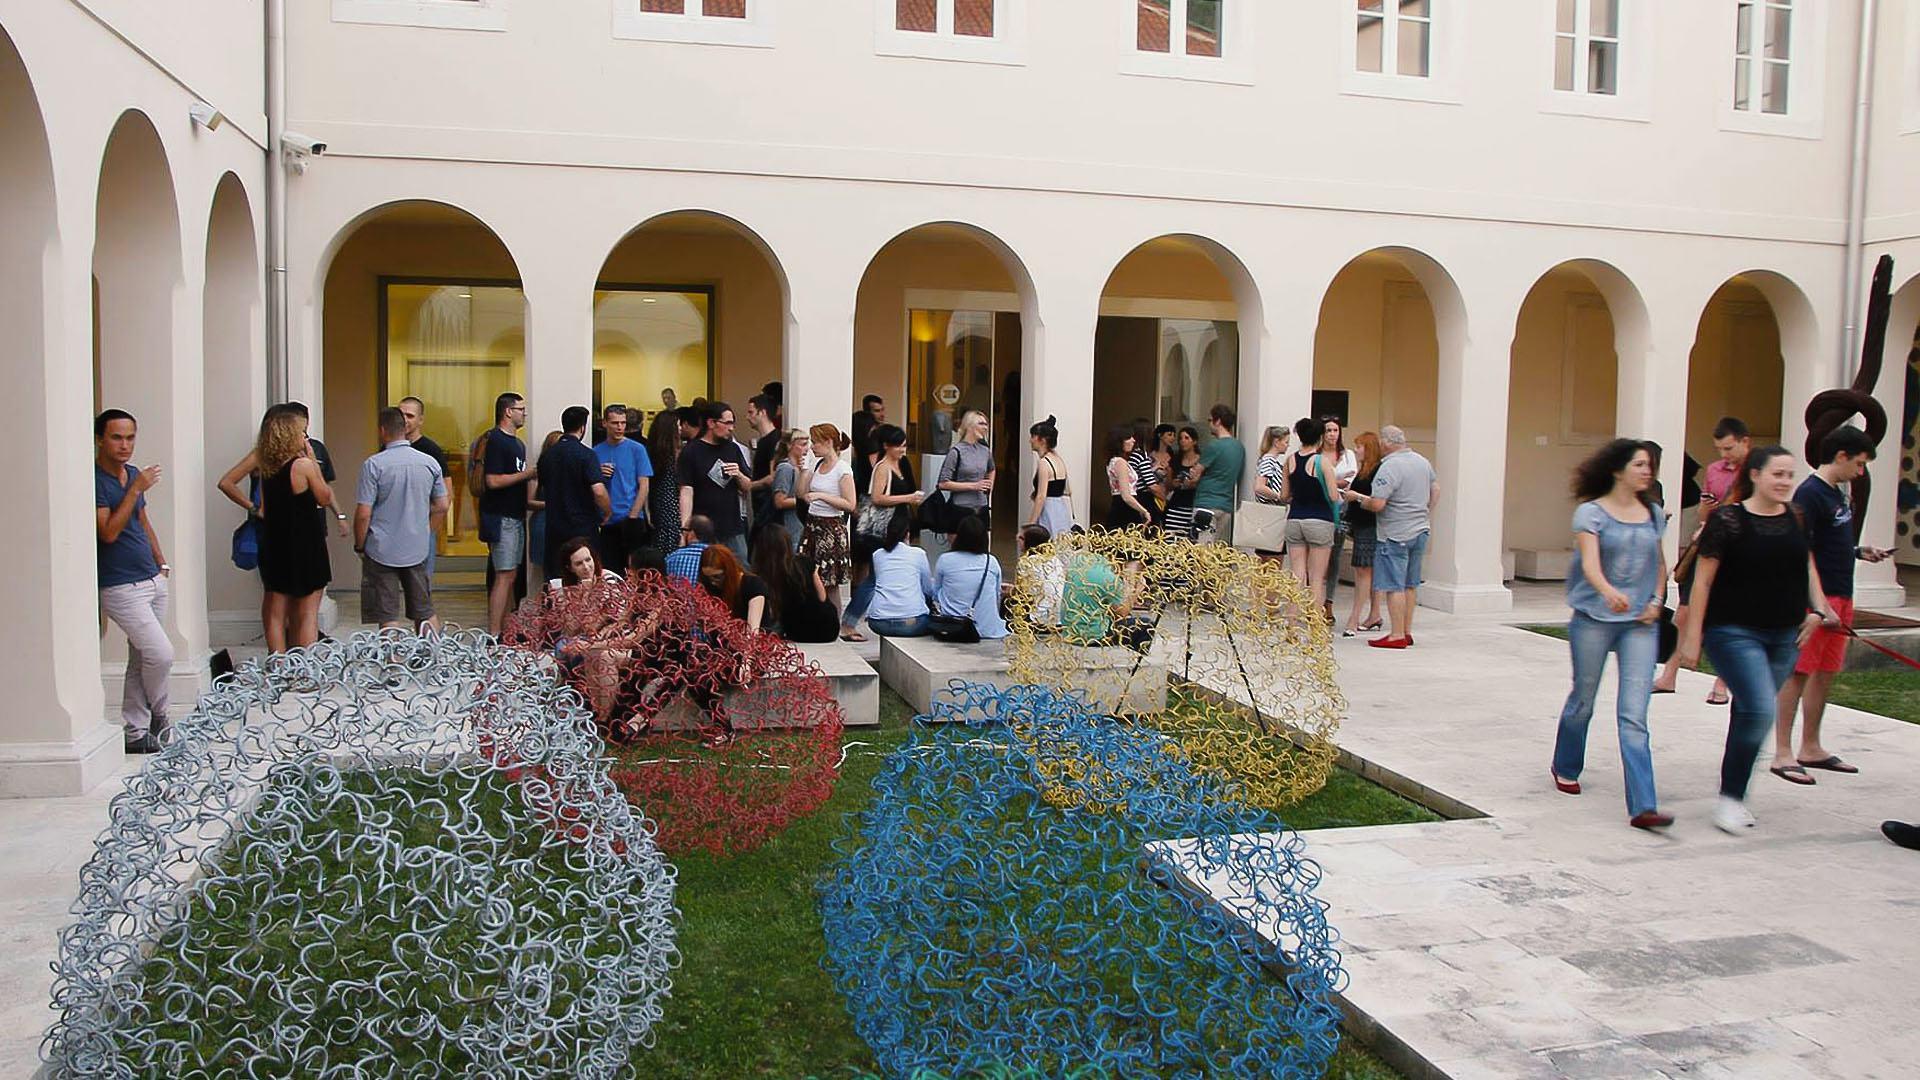 Splitska Galerija umjetnina poziva... Galerija umjetnina ima čast pozvati vas na otvorenje ljetne programske sezone uz razgovor, otvorenja i koncert